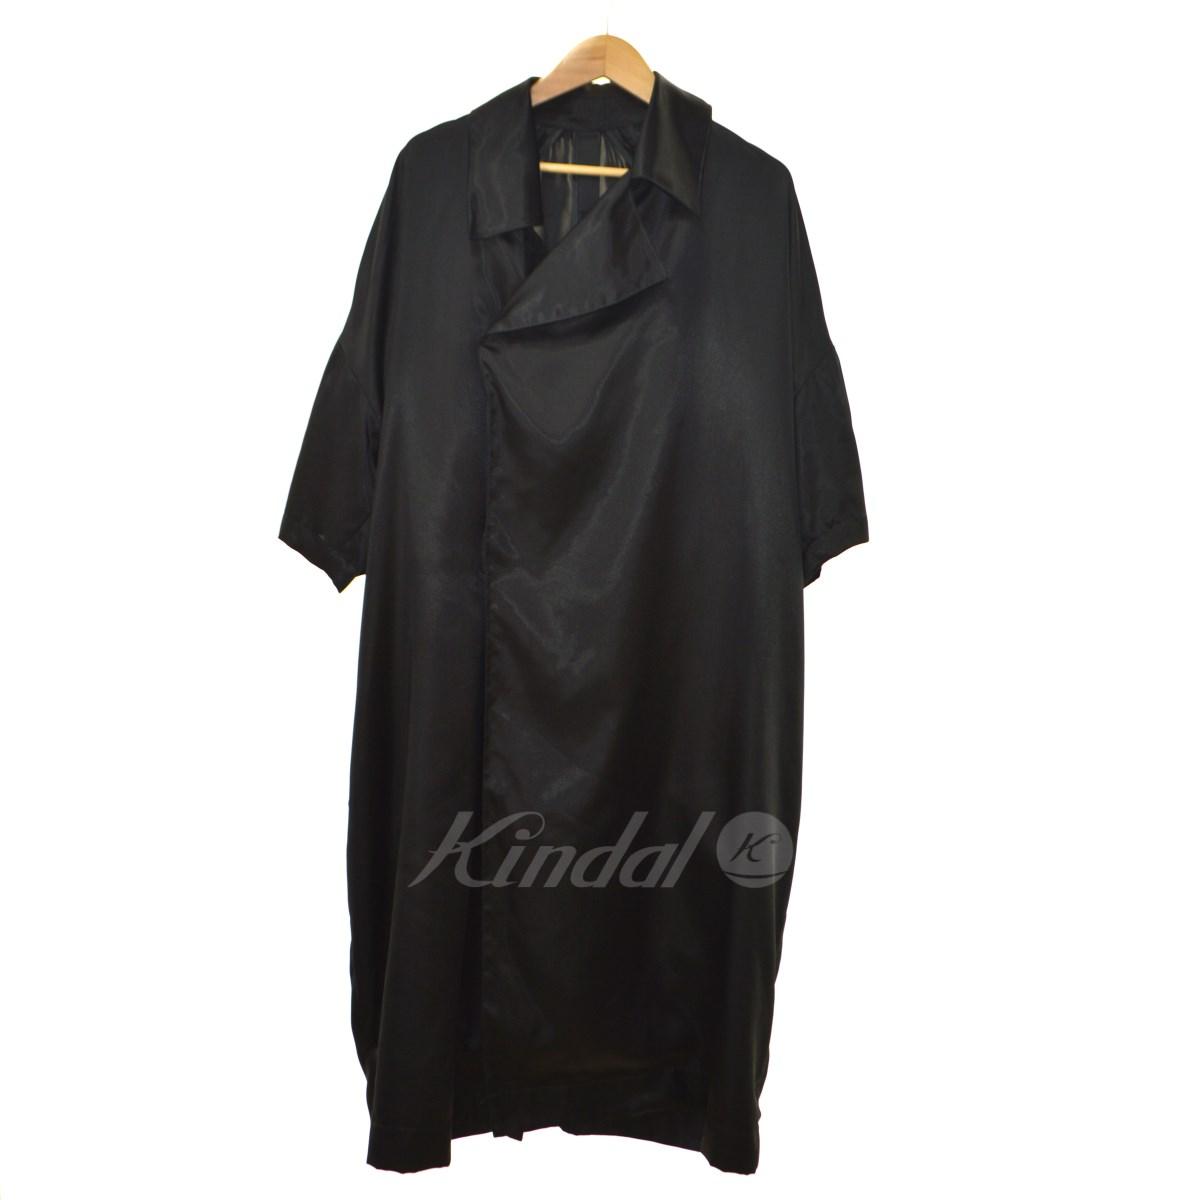 中古 SHINYA KOZUKA 18SS Short Sleeve Trench 卸売り コート ブラック !超美品再入荷品質至上! 送料無料 サイズ:M シンヤコズカ 020319